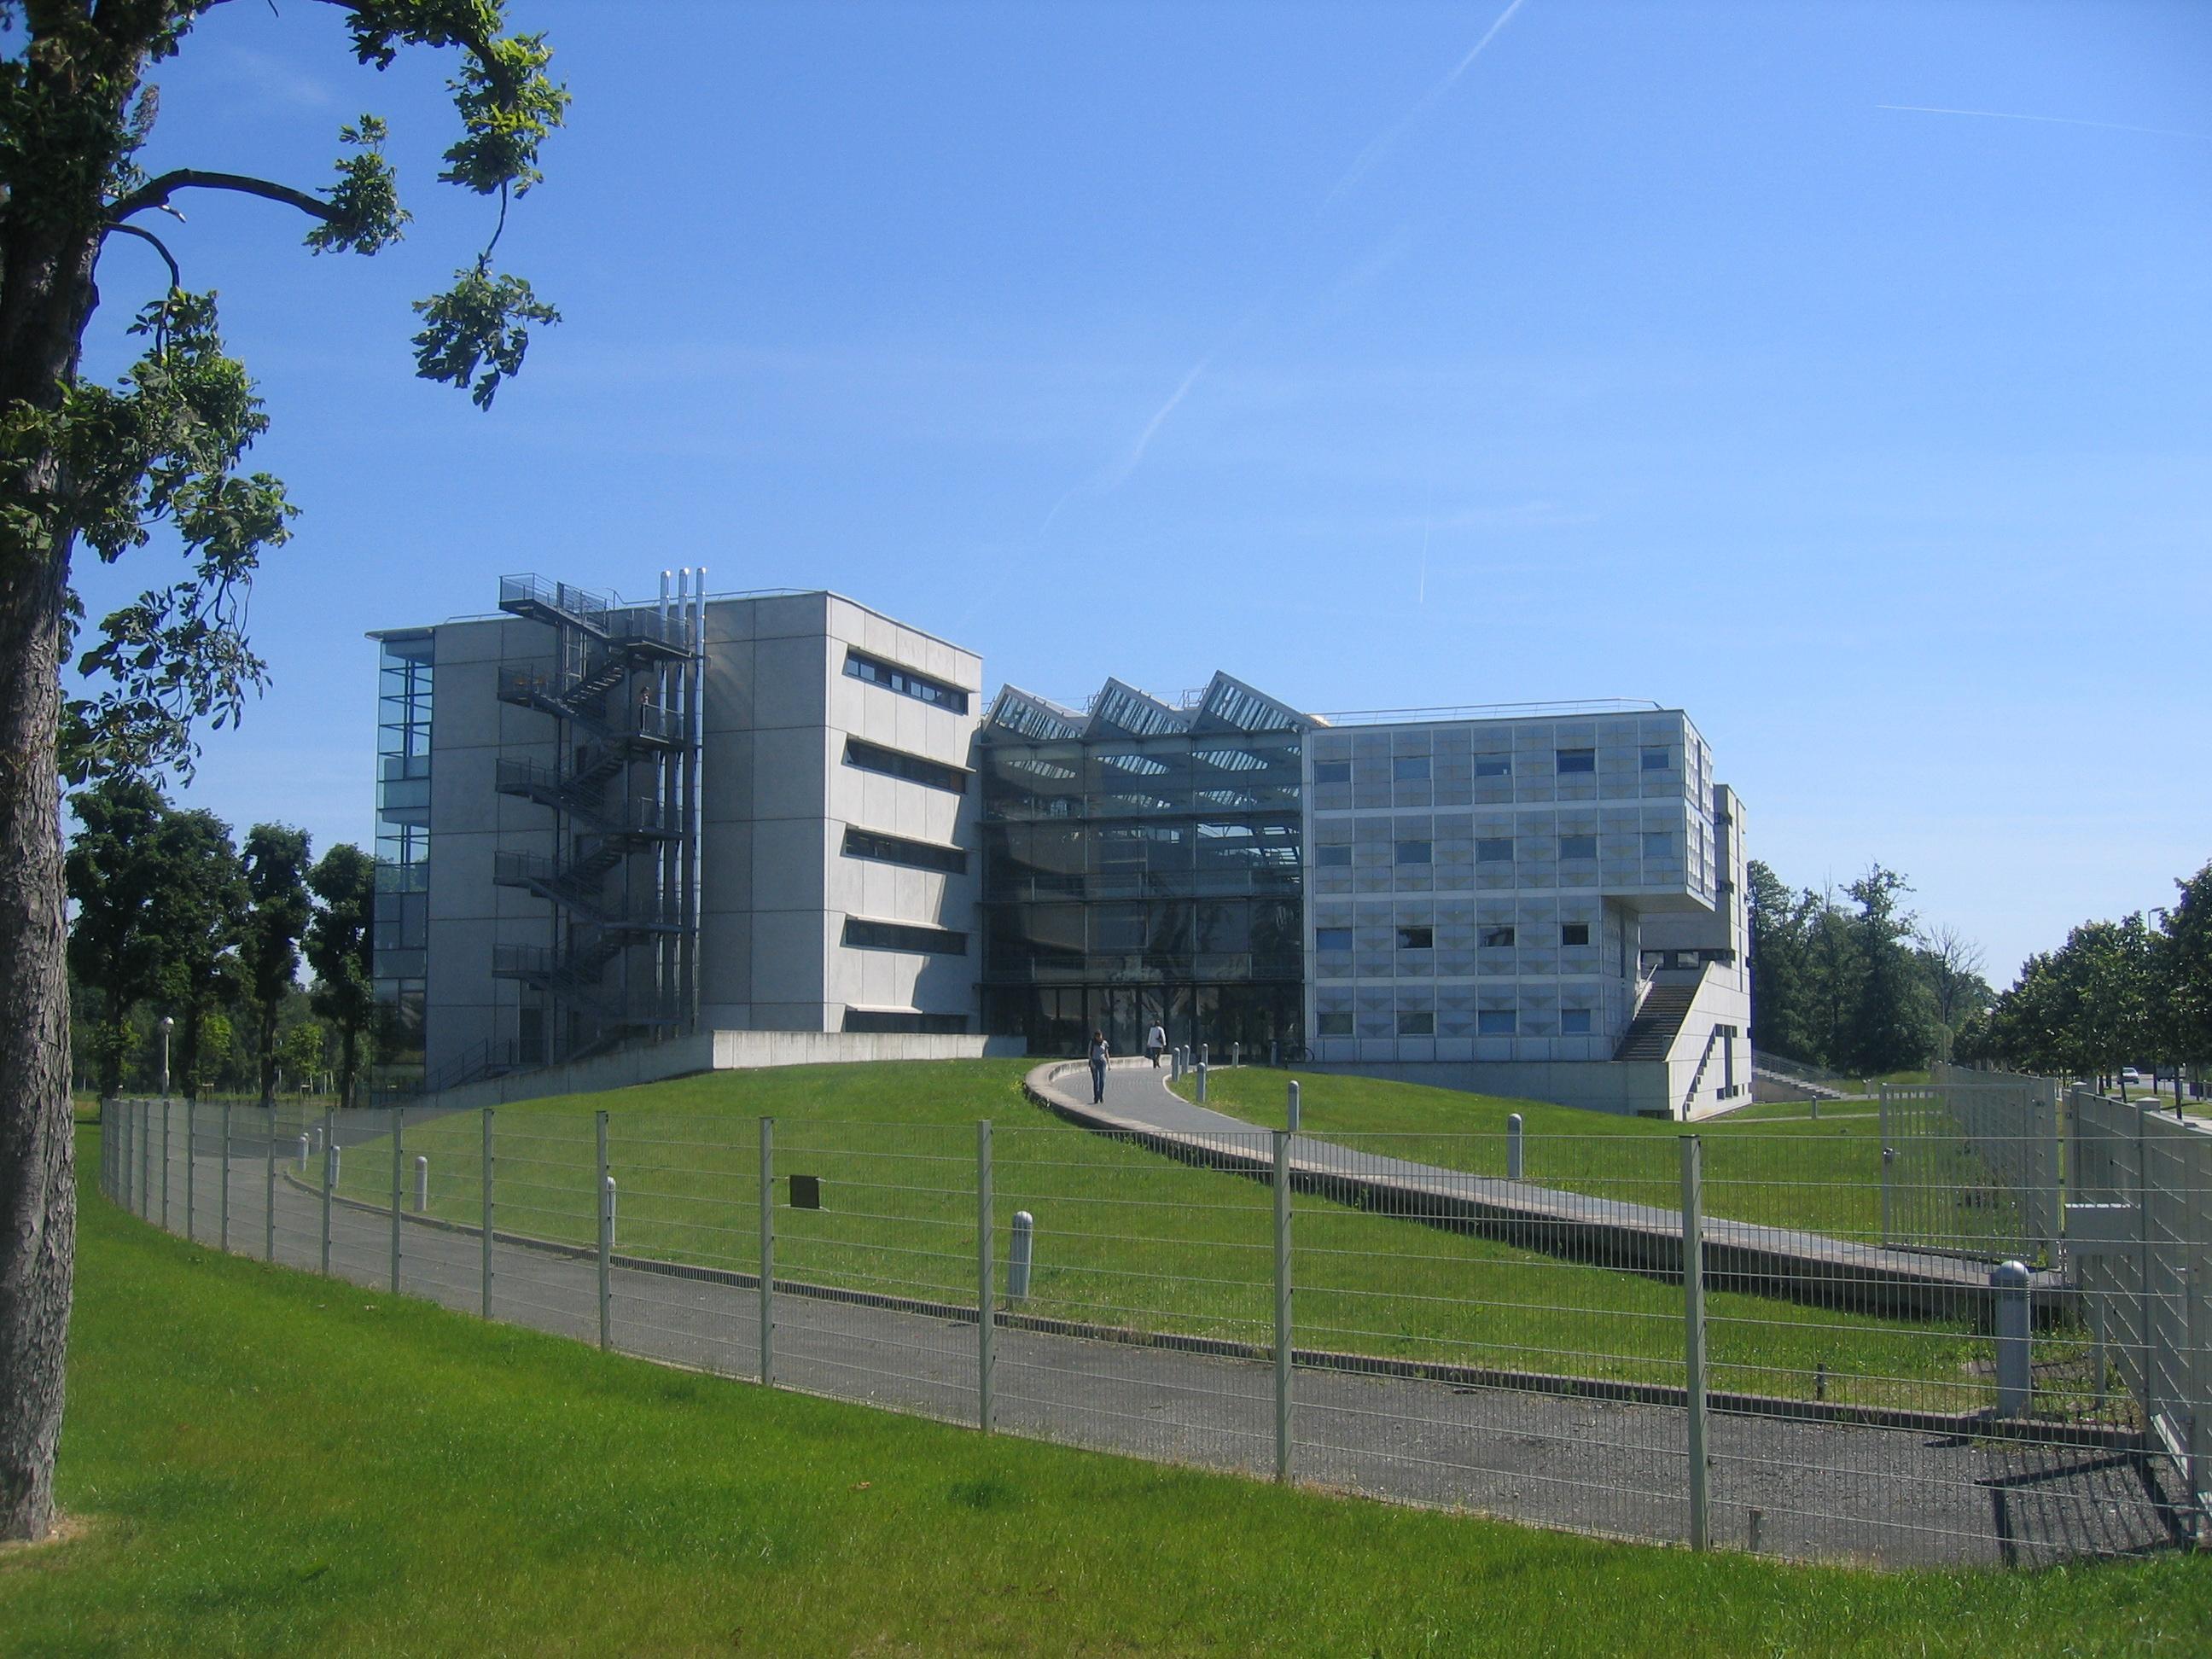 École d'architecture de la ville et des territoires à marne-la